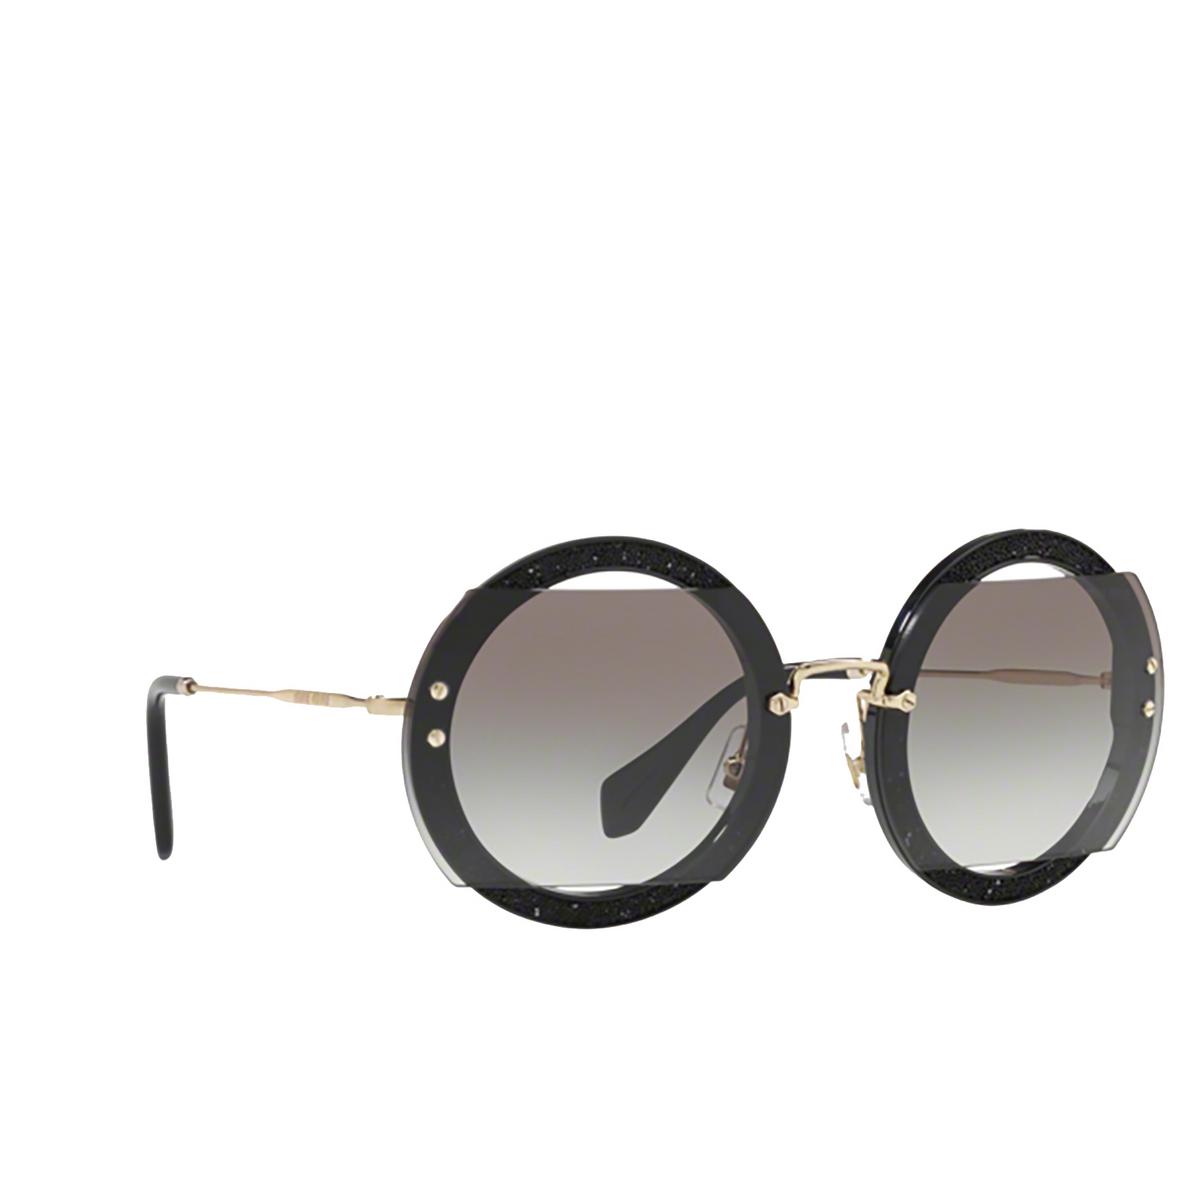 Miu Miu® Round Sunglasses: MU 06SS color Black 1AB0A7.